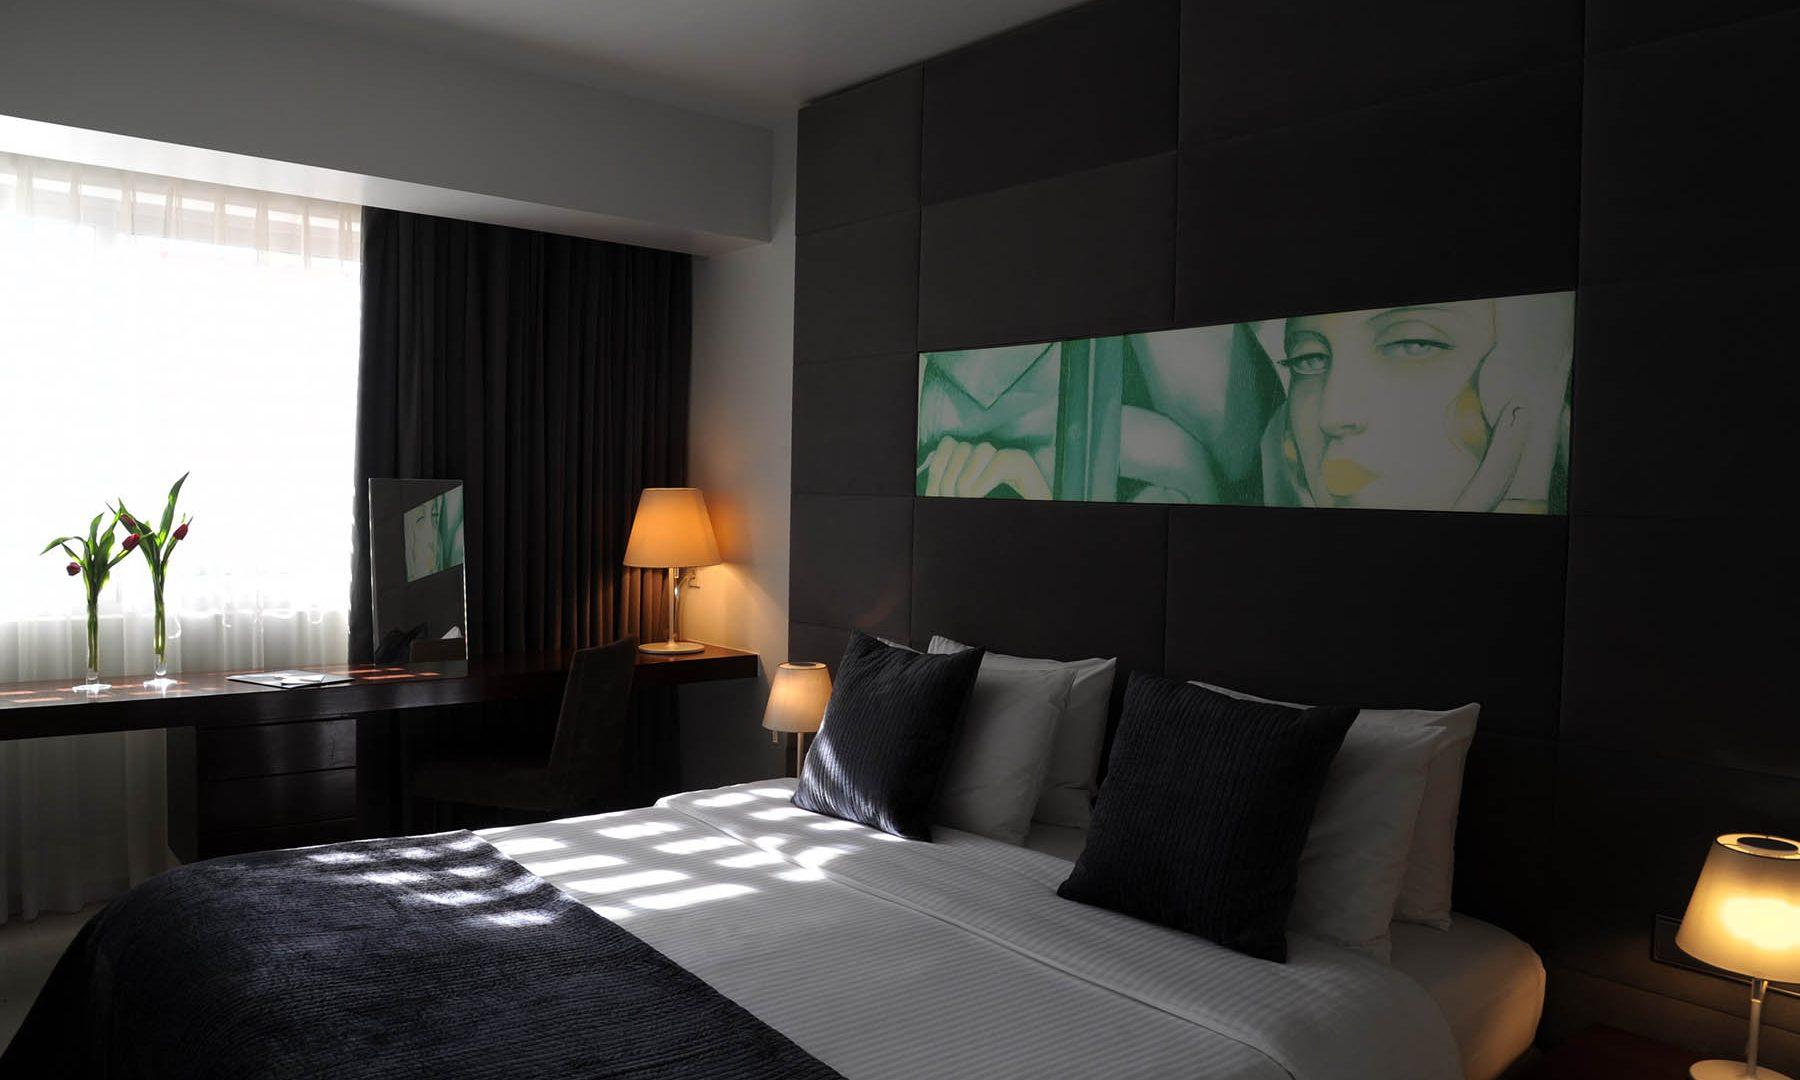 διαμονη γλυφαδα αθηνα - Brasil Suites